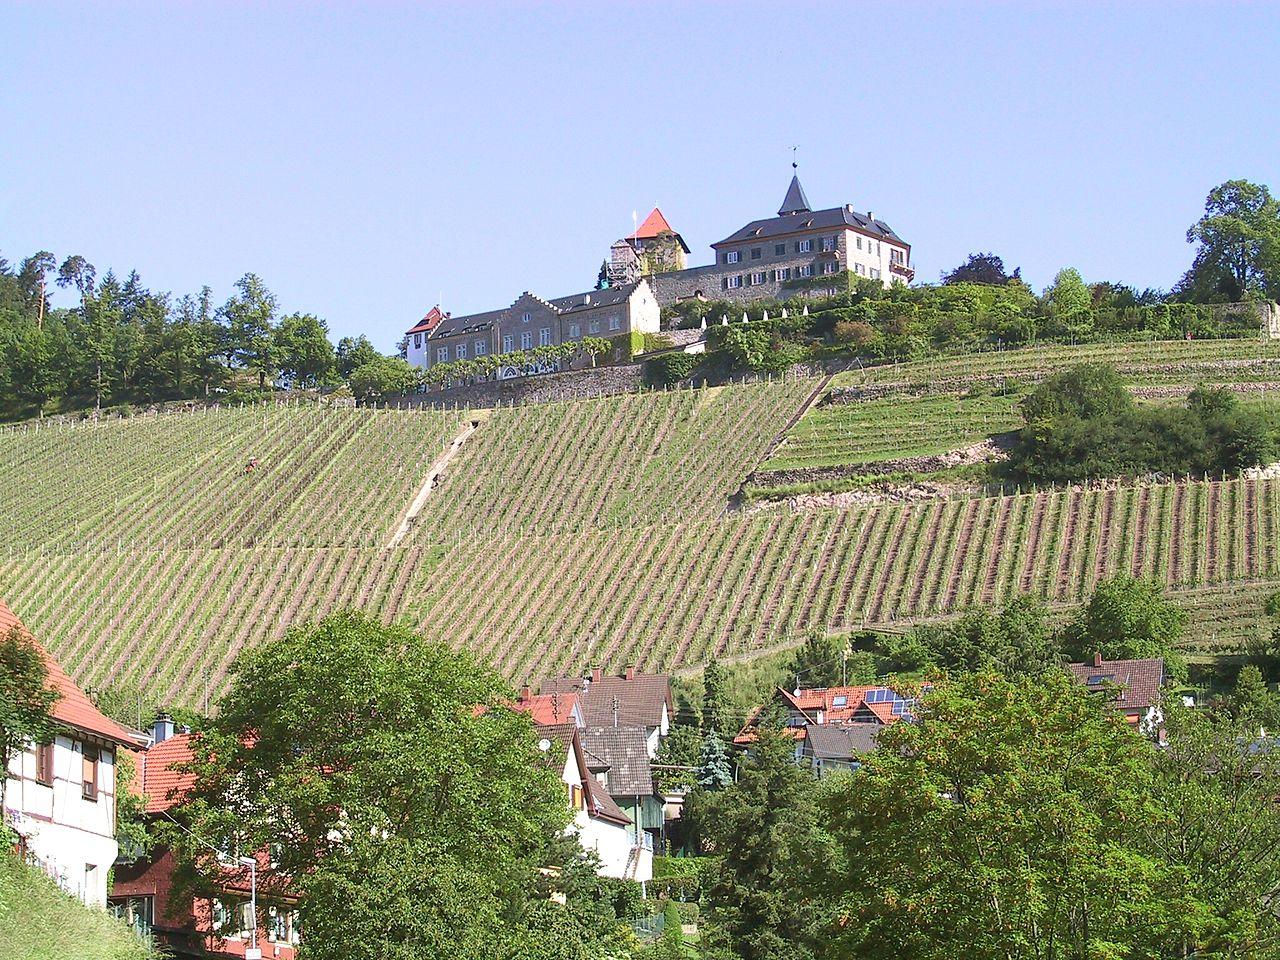 Single gernsbach